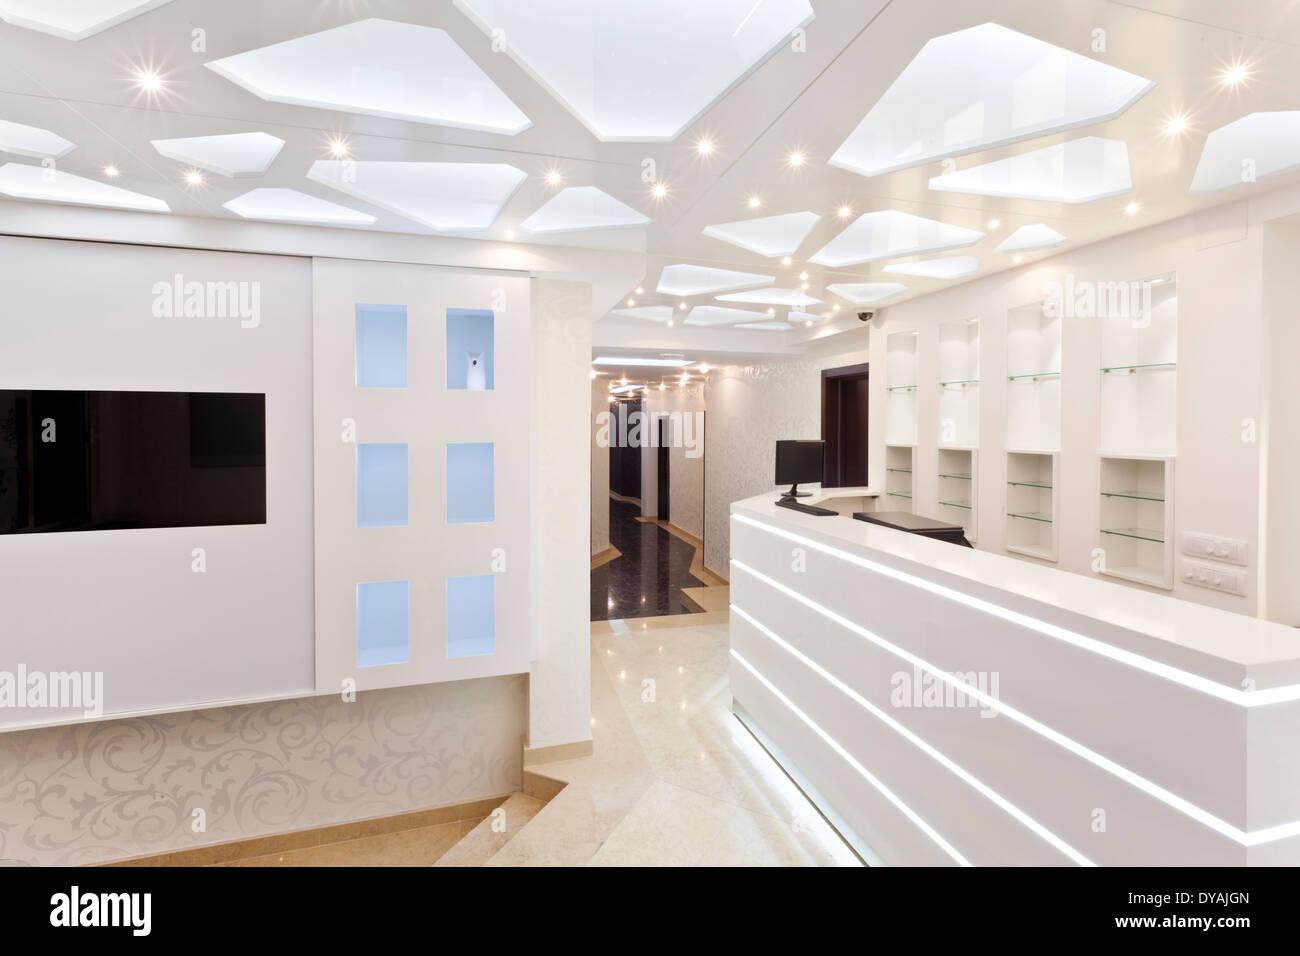 Nett Hospitality Management Zusammenfassung Zusammenfassung Bilder ...